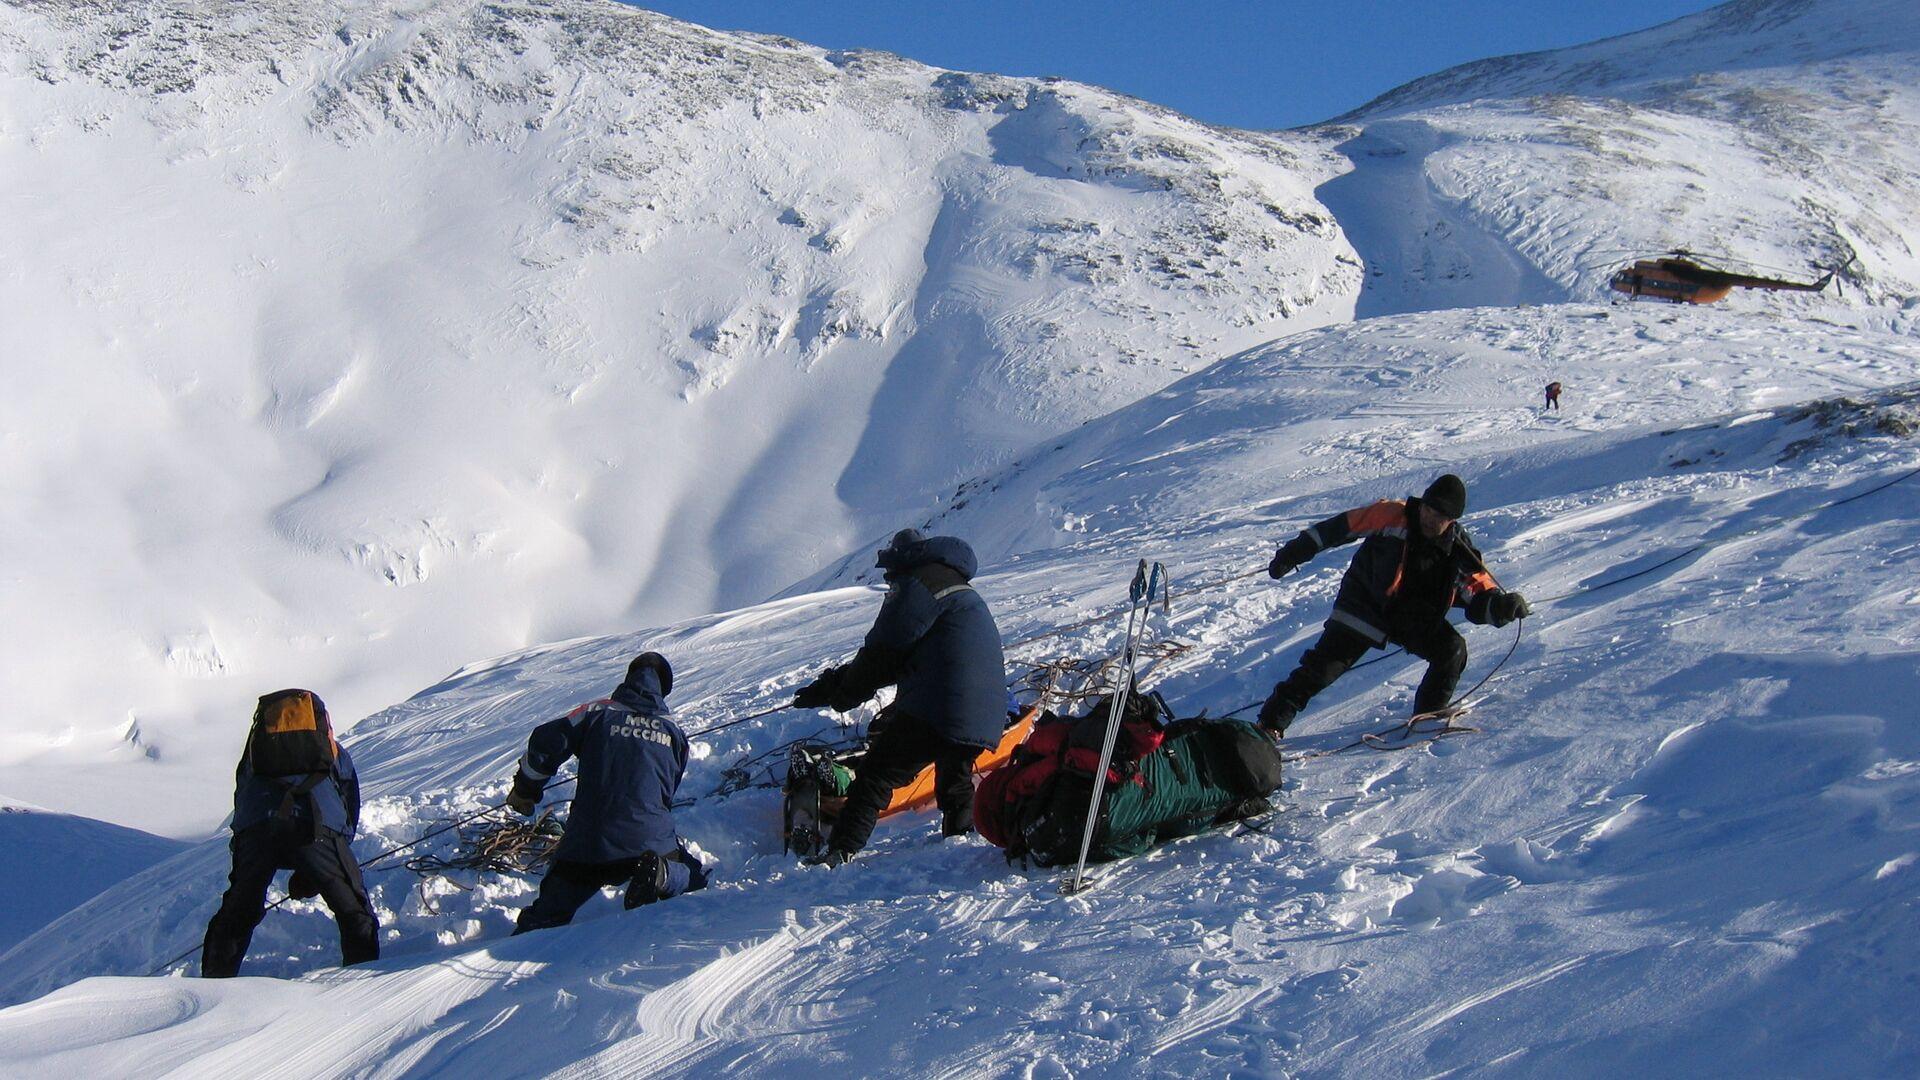 Евакуација повређеног после лавине на Бајкалу. Најчешће страдају непажљиви планинари и сноубордери. - Sputnik Србија, 1920, 24.09.2021